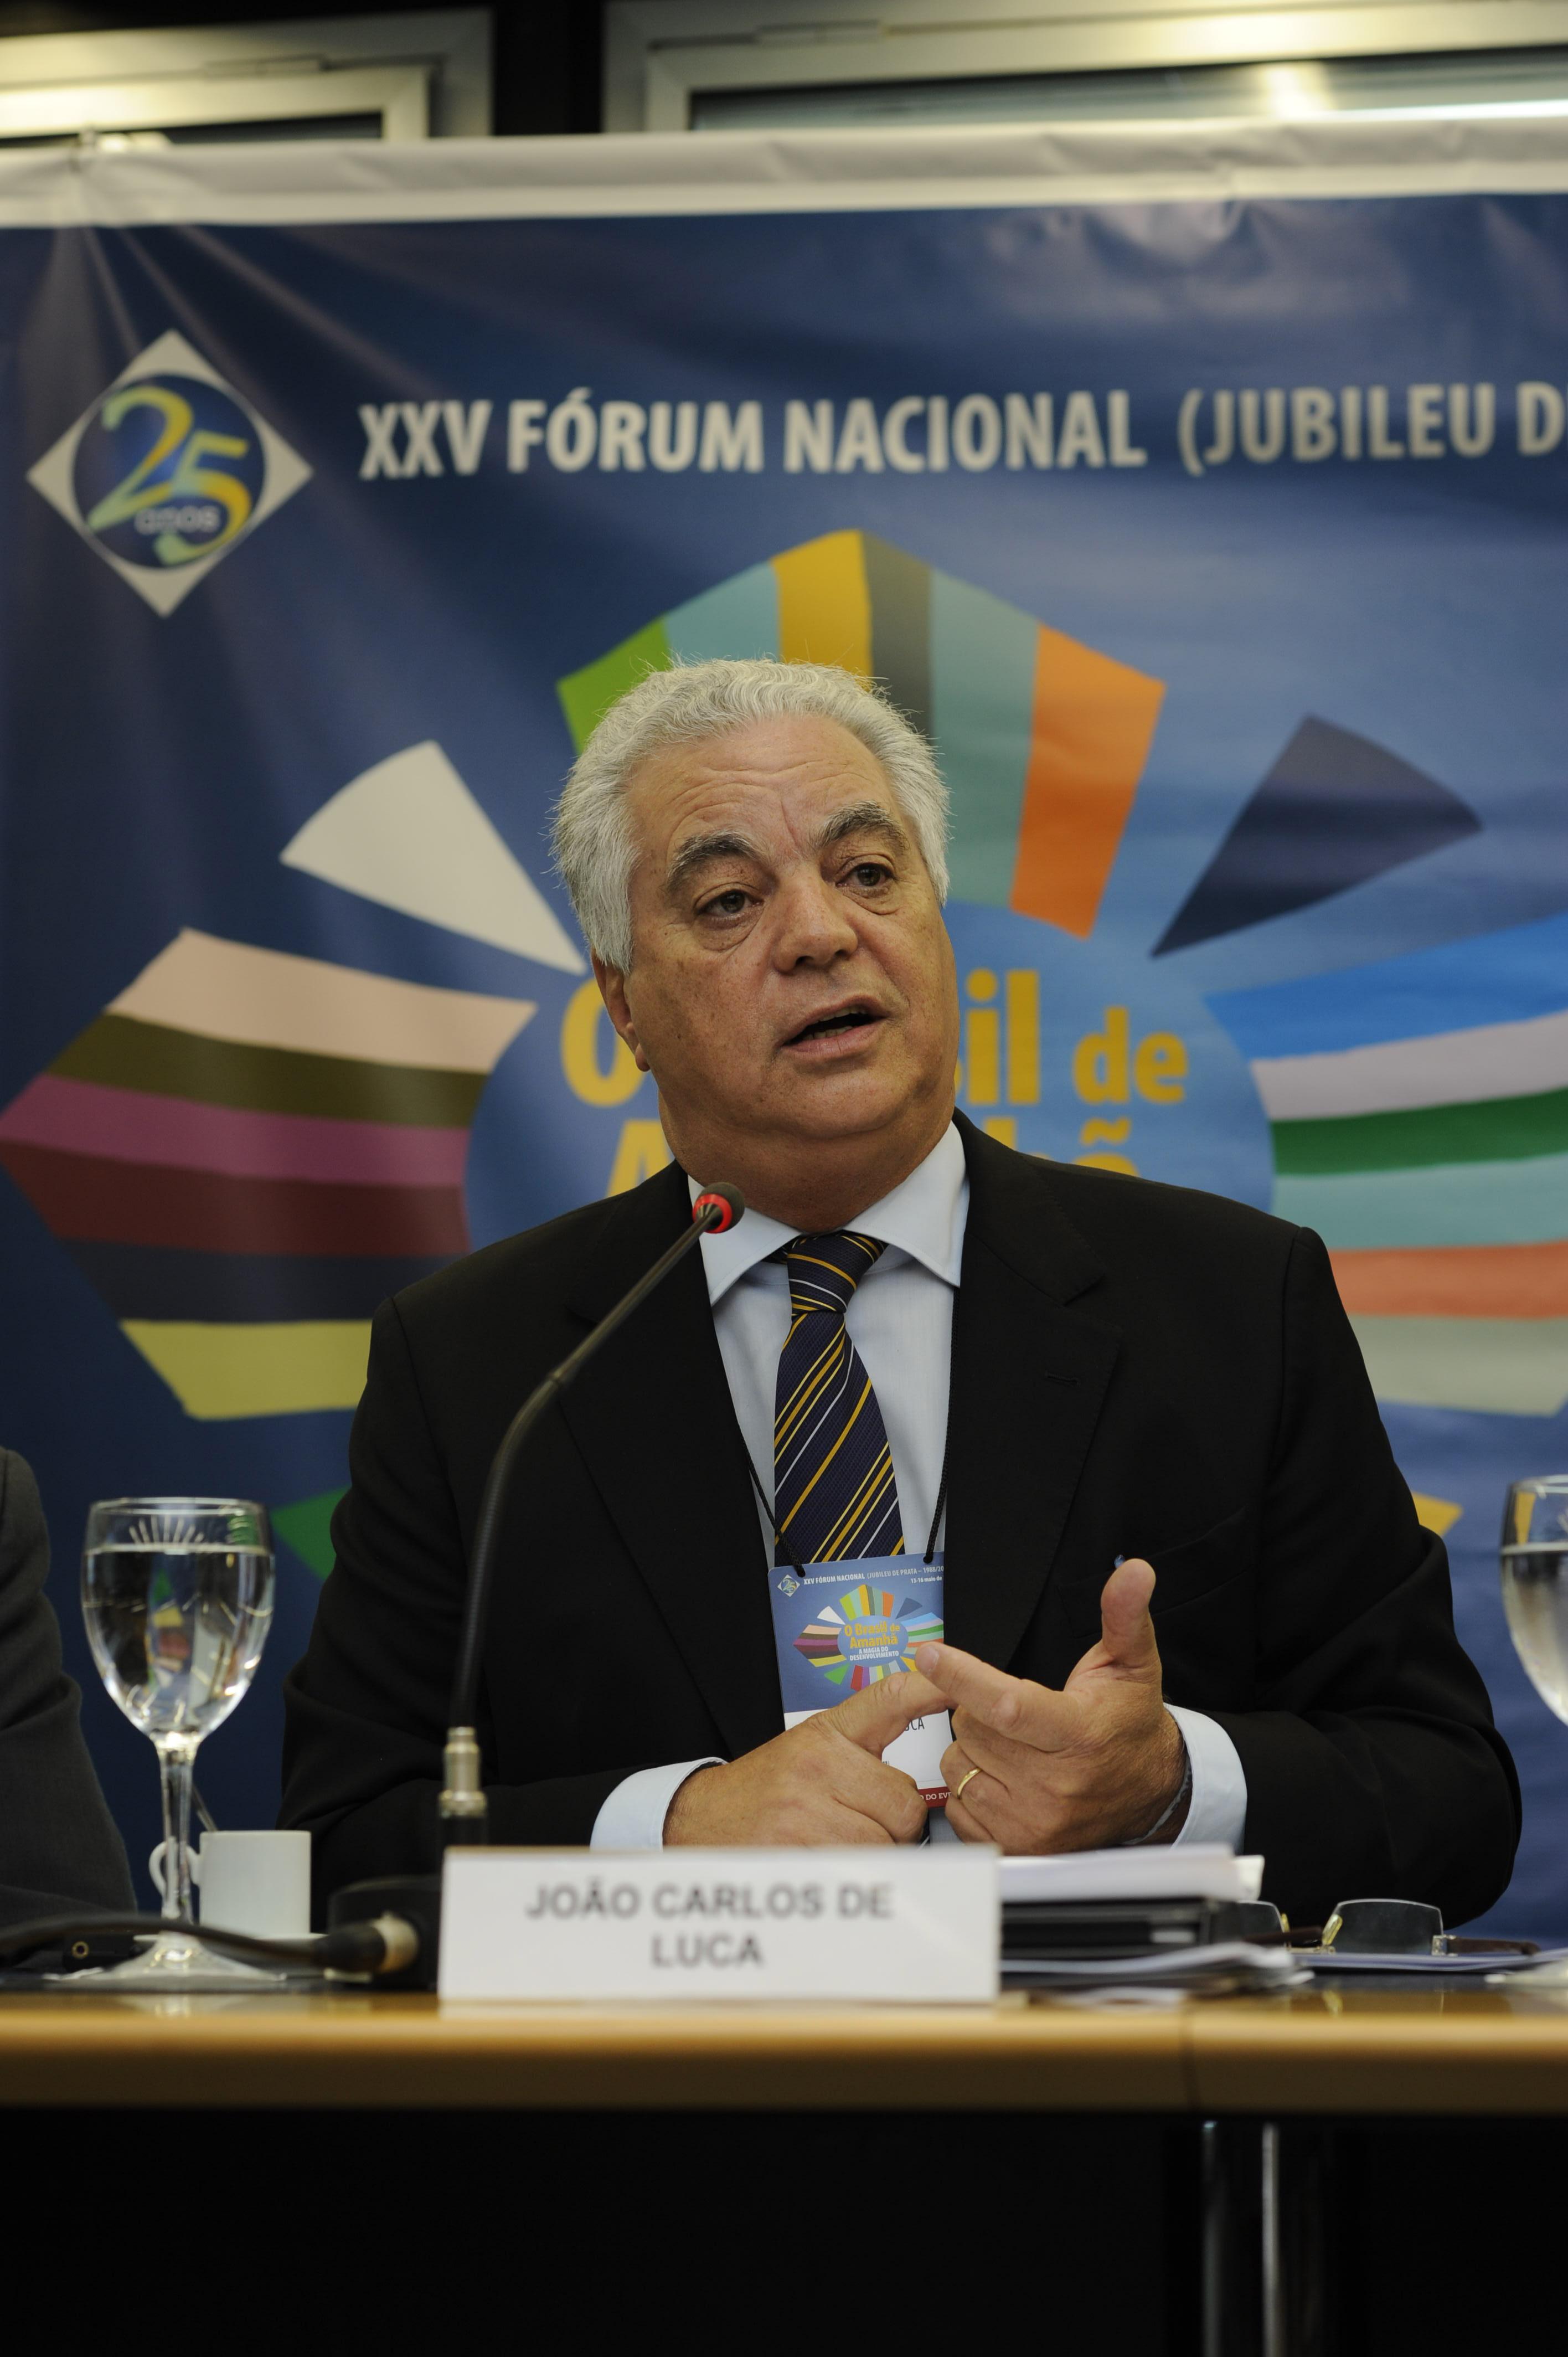 João Carlos De Luca